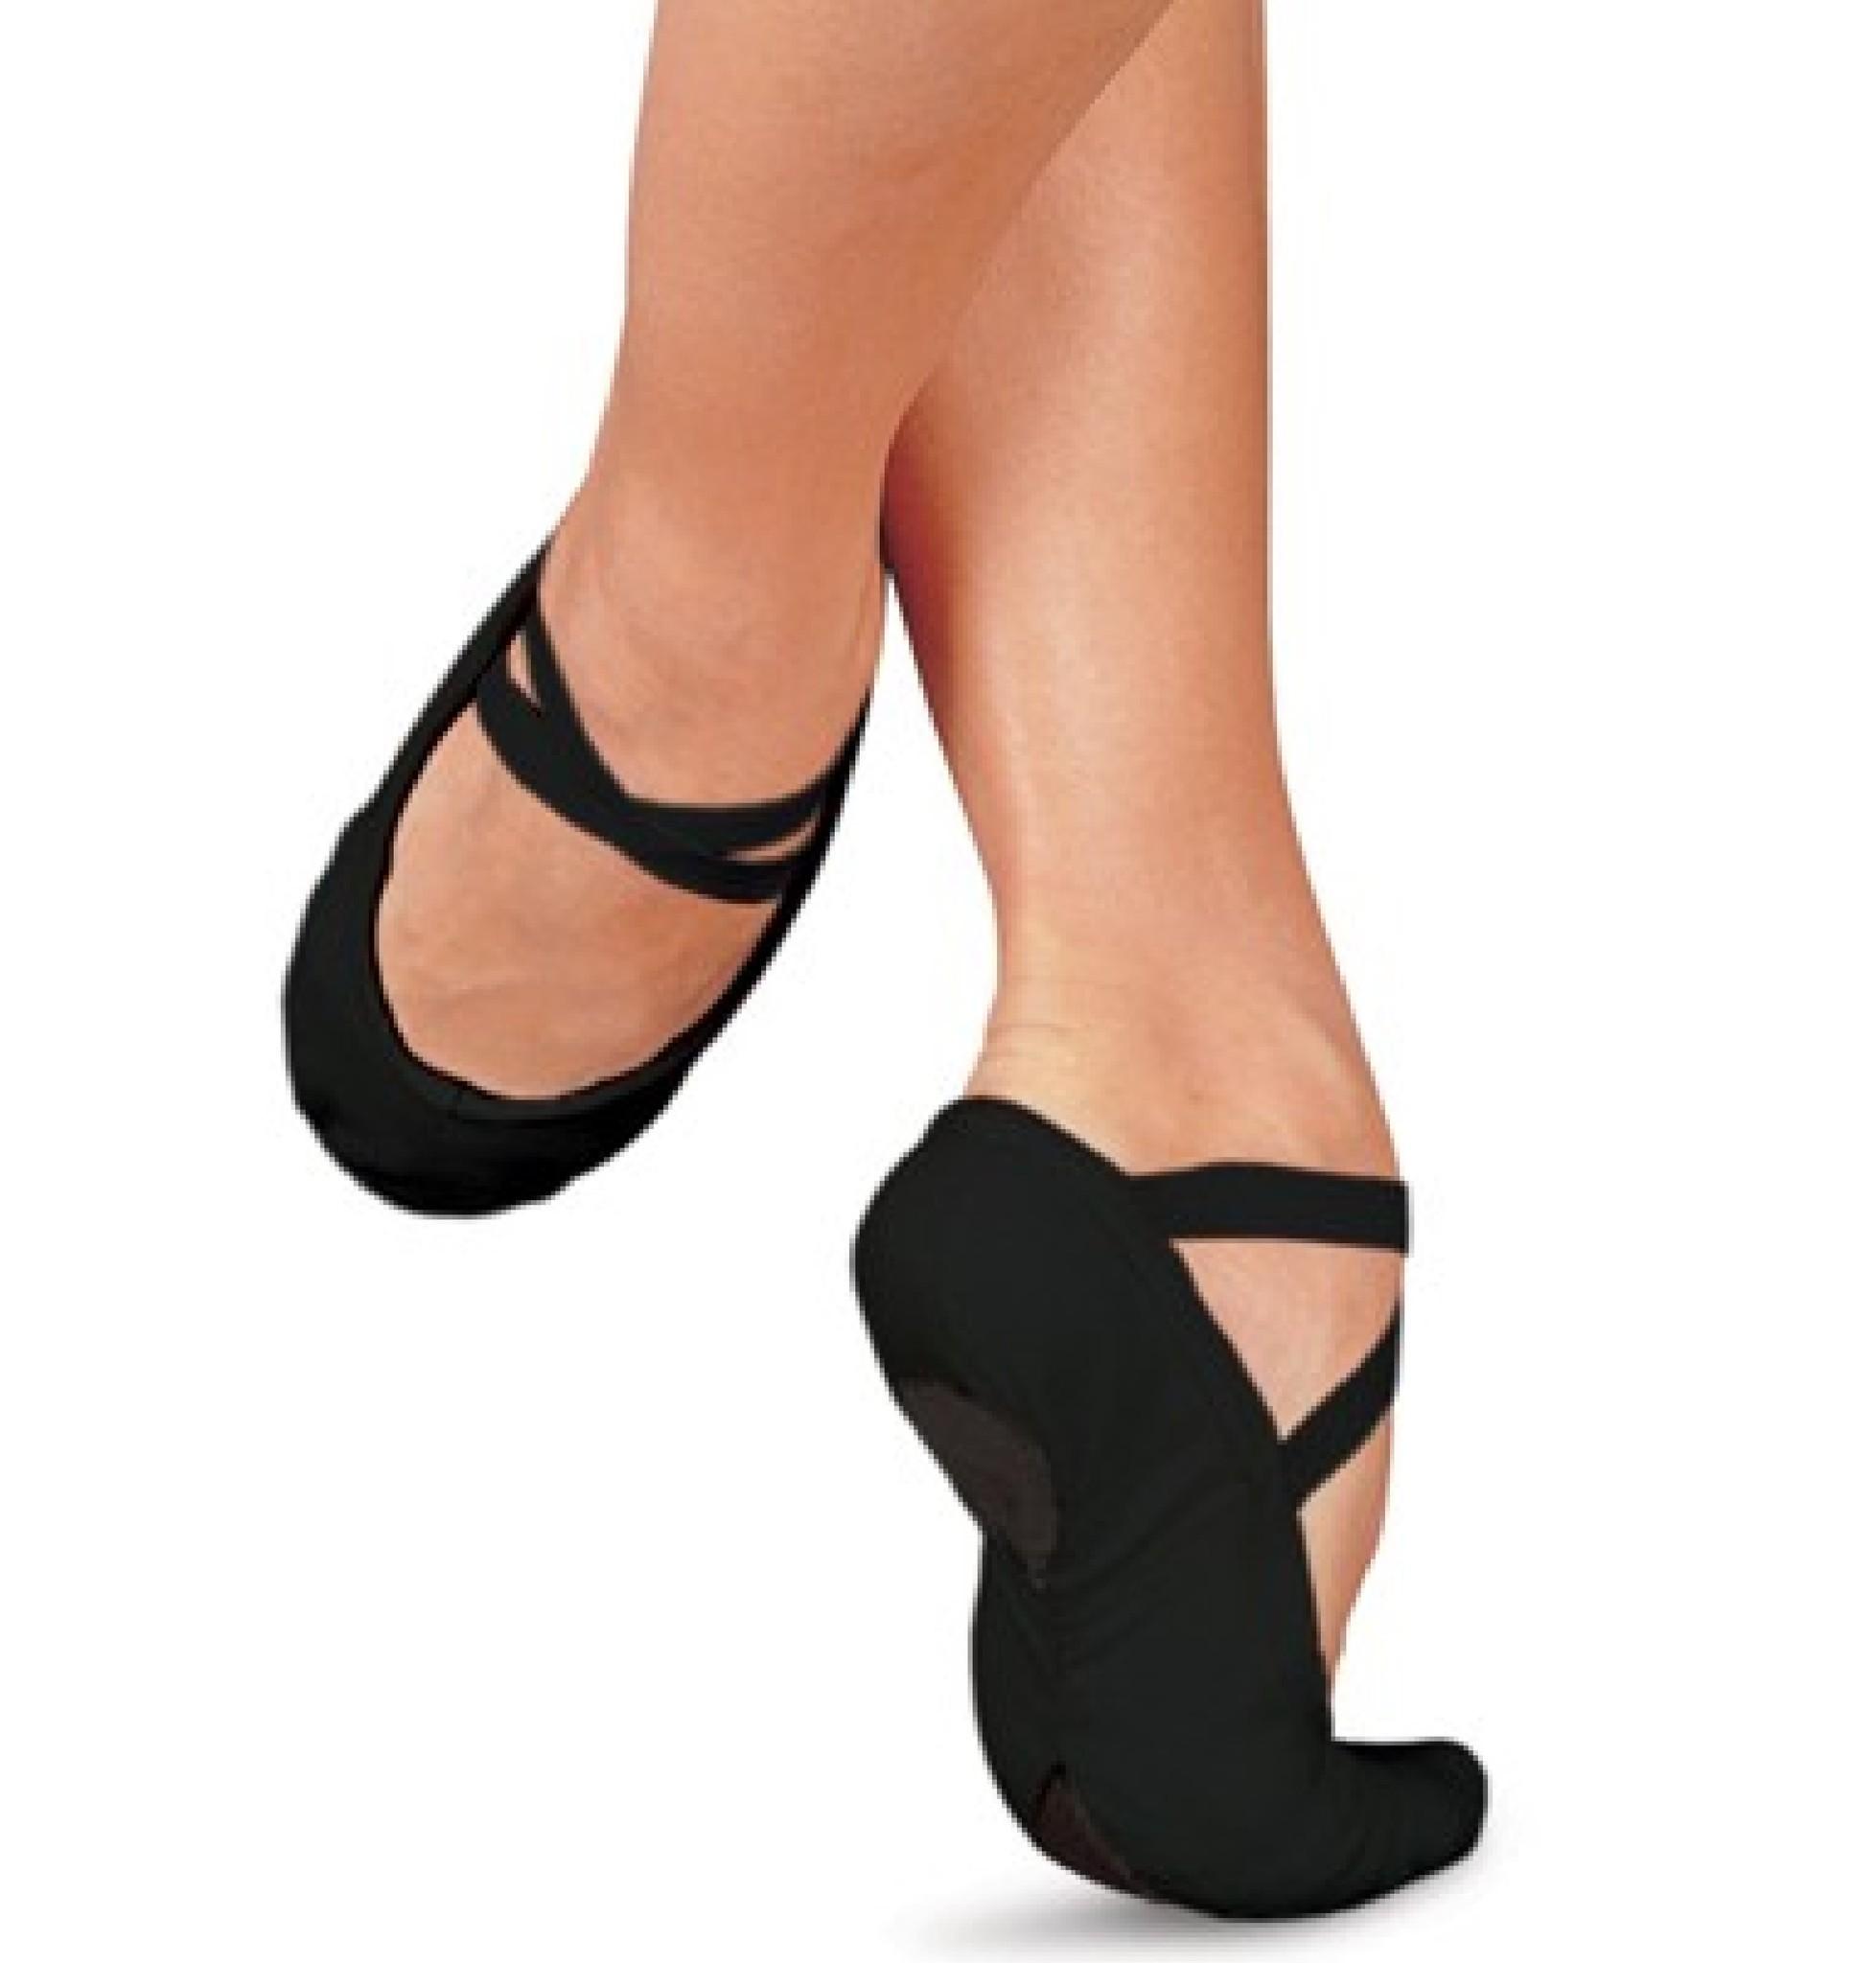 Demi pointes de danse classique SANSHA PRO1C noir